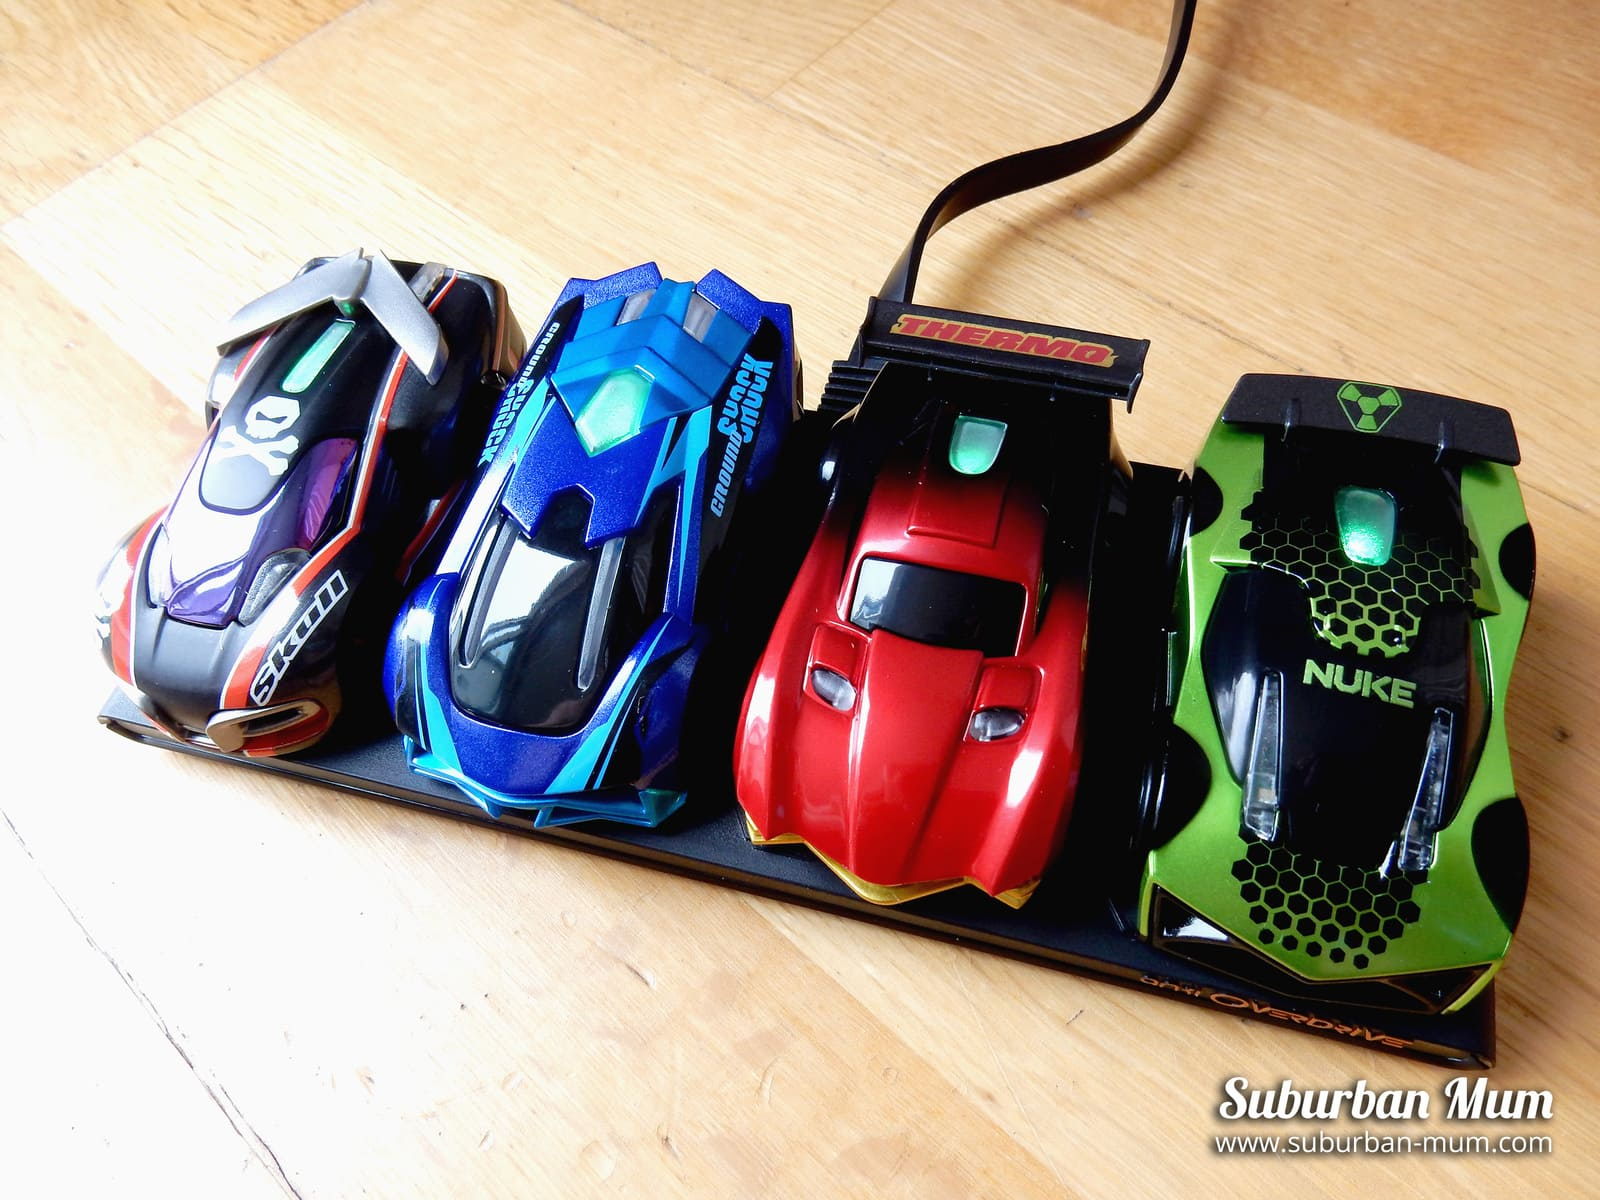 anki-cars